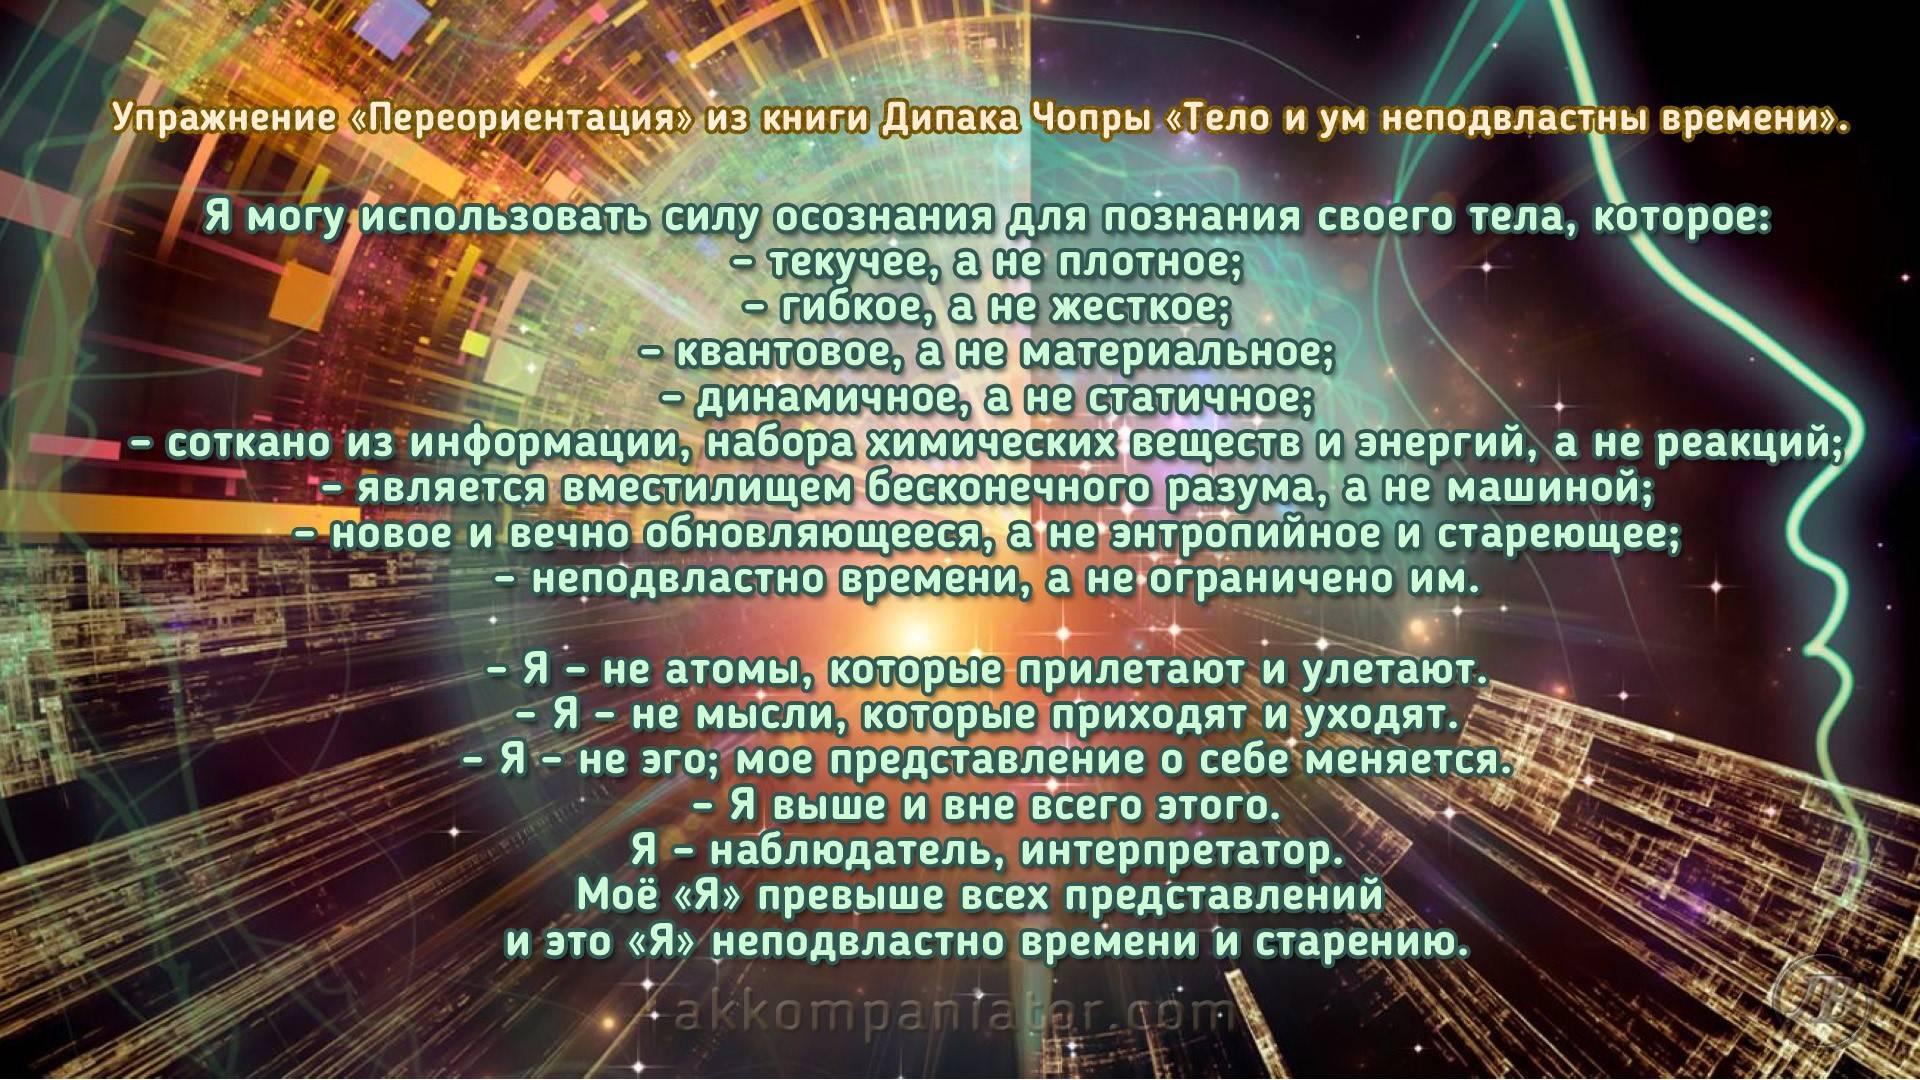 Pereorientatsiya-1920x1080